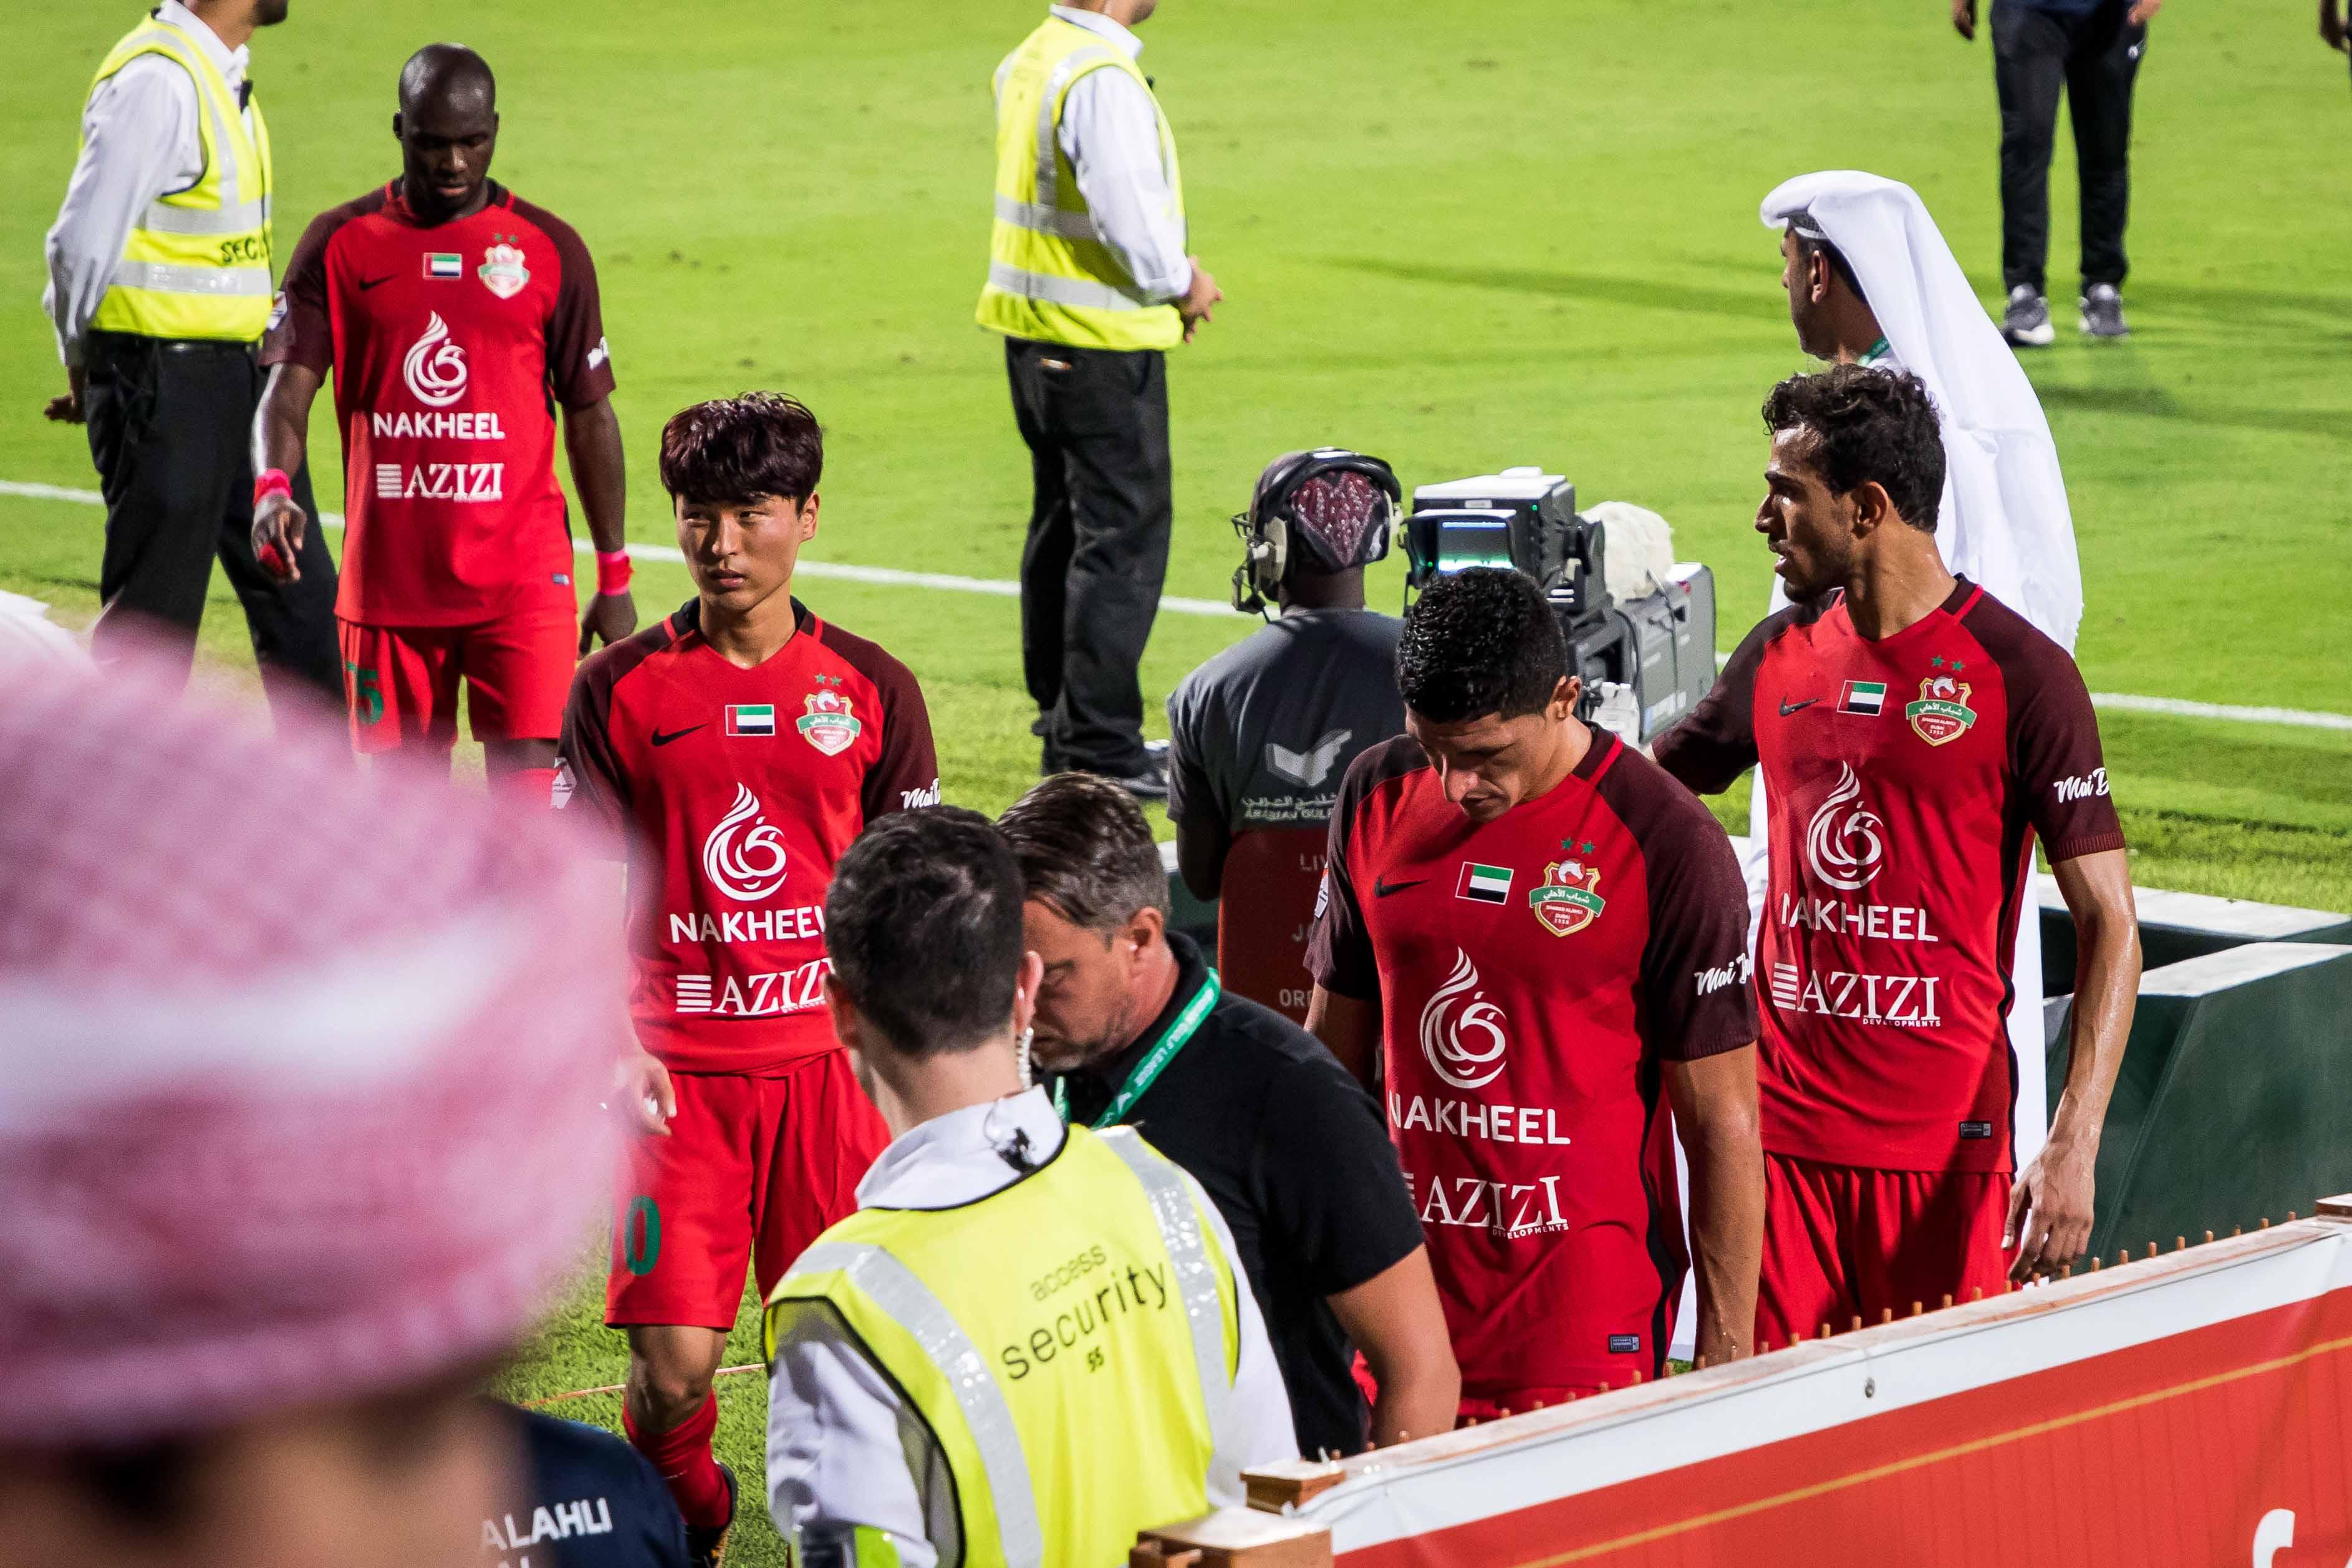 Azizi sponsors Shabab Al Ahli Dubai Football Club